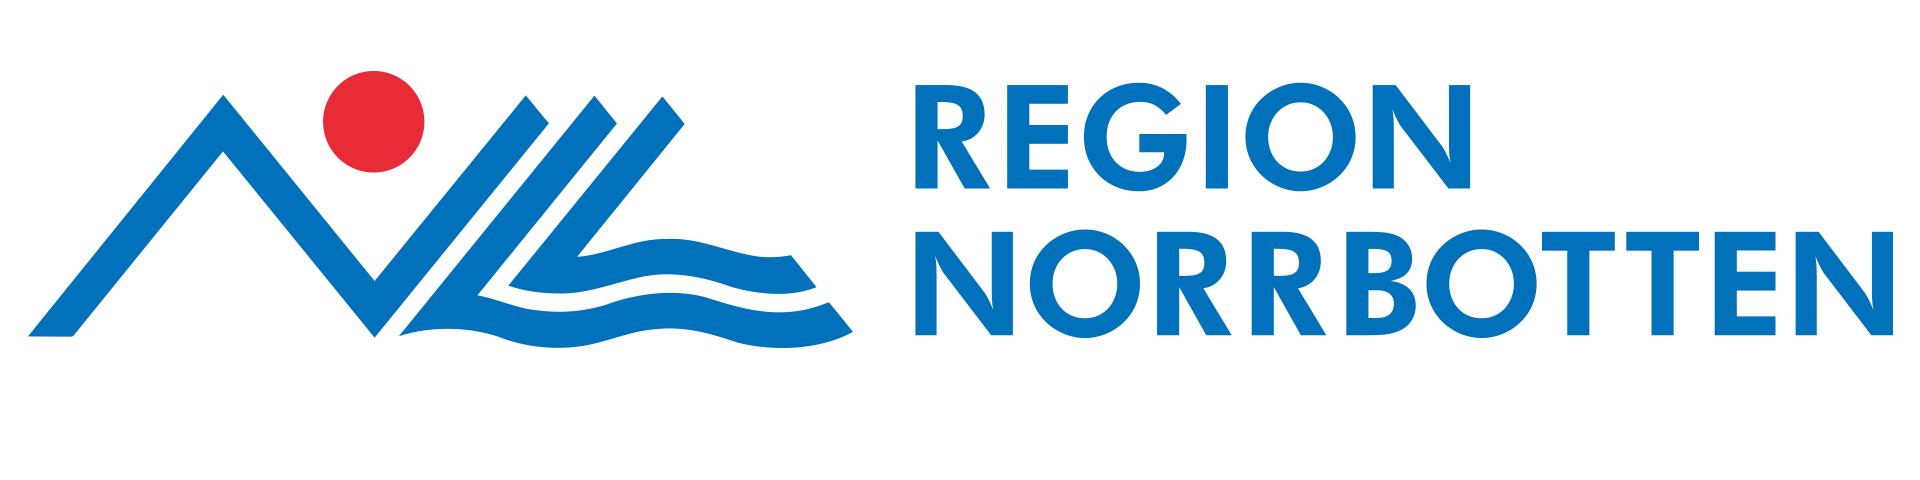 WideFind, Region Norrbotten, Innovationsstöd